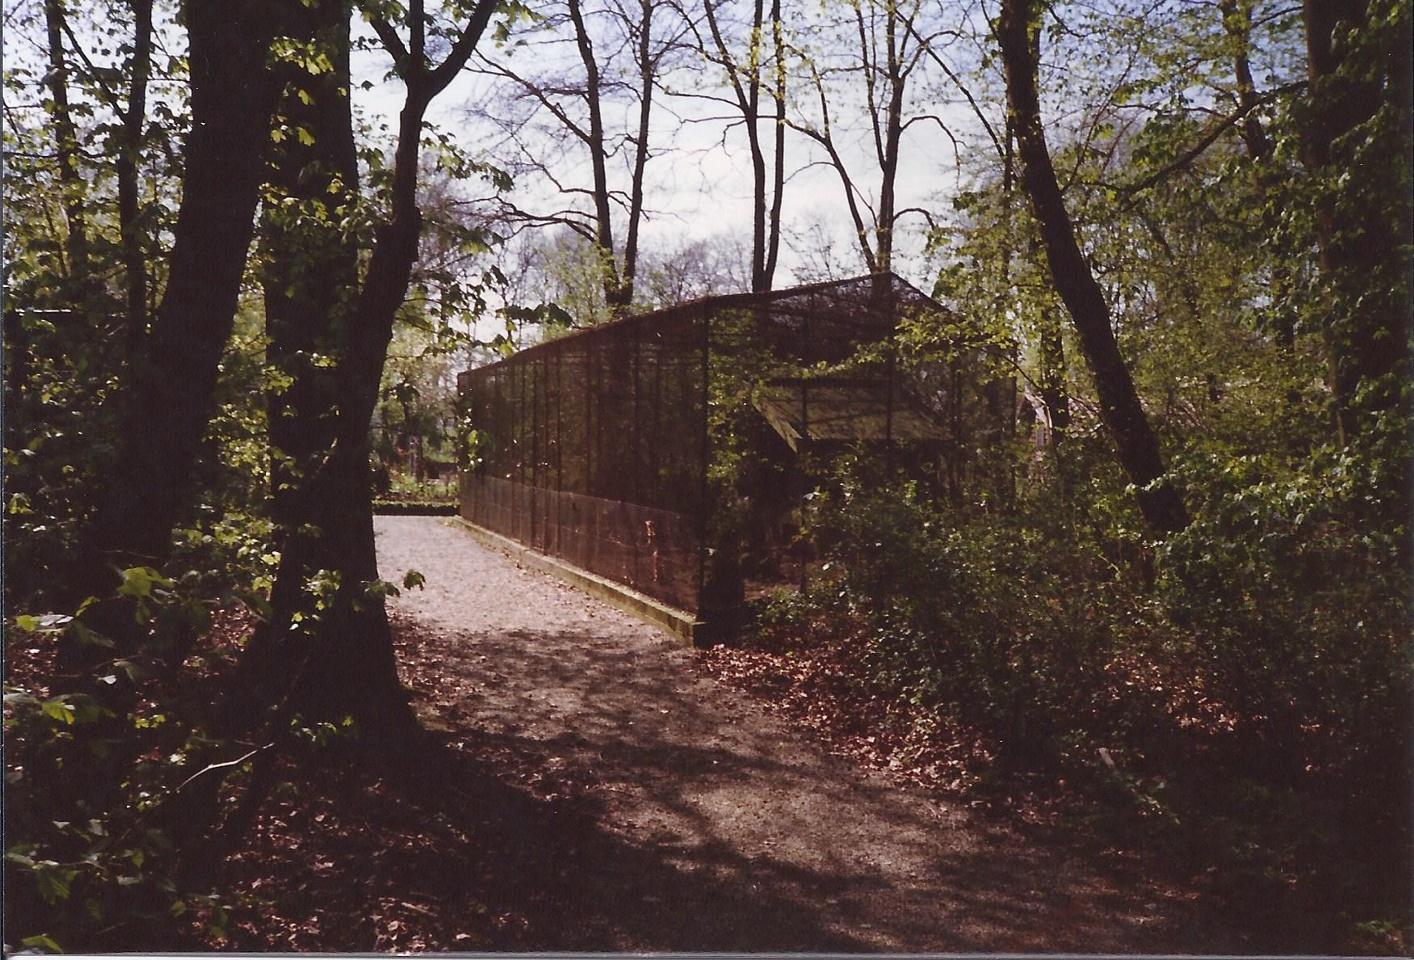 Stichting Nyenrode Fonds - Menagerie - Duivenhokken met voliere, historische foto 1988